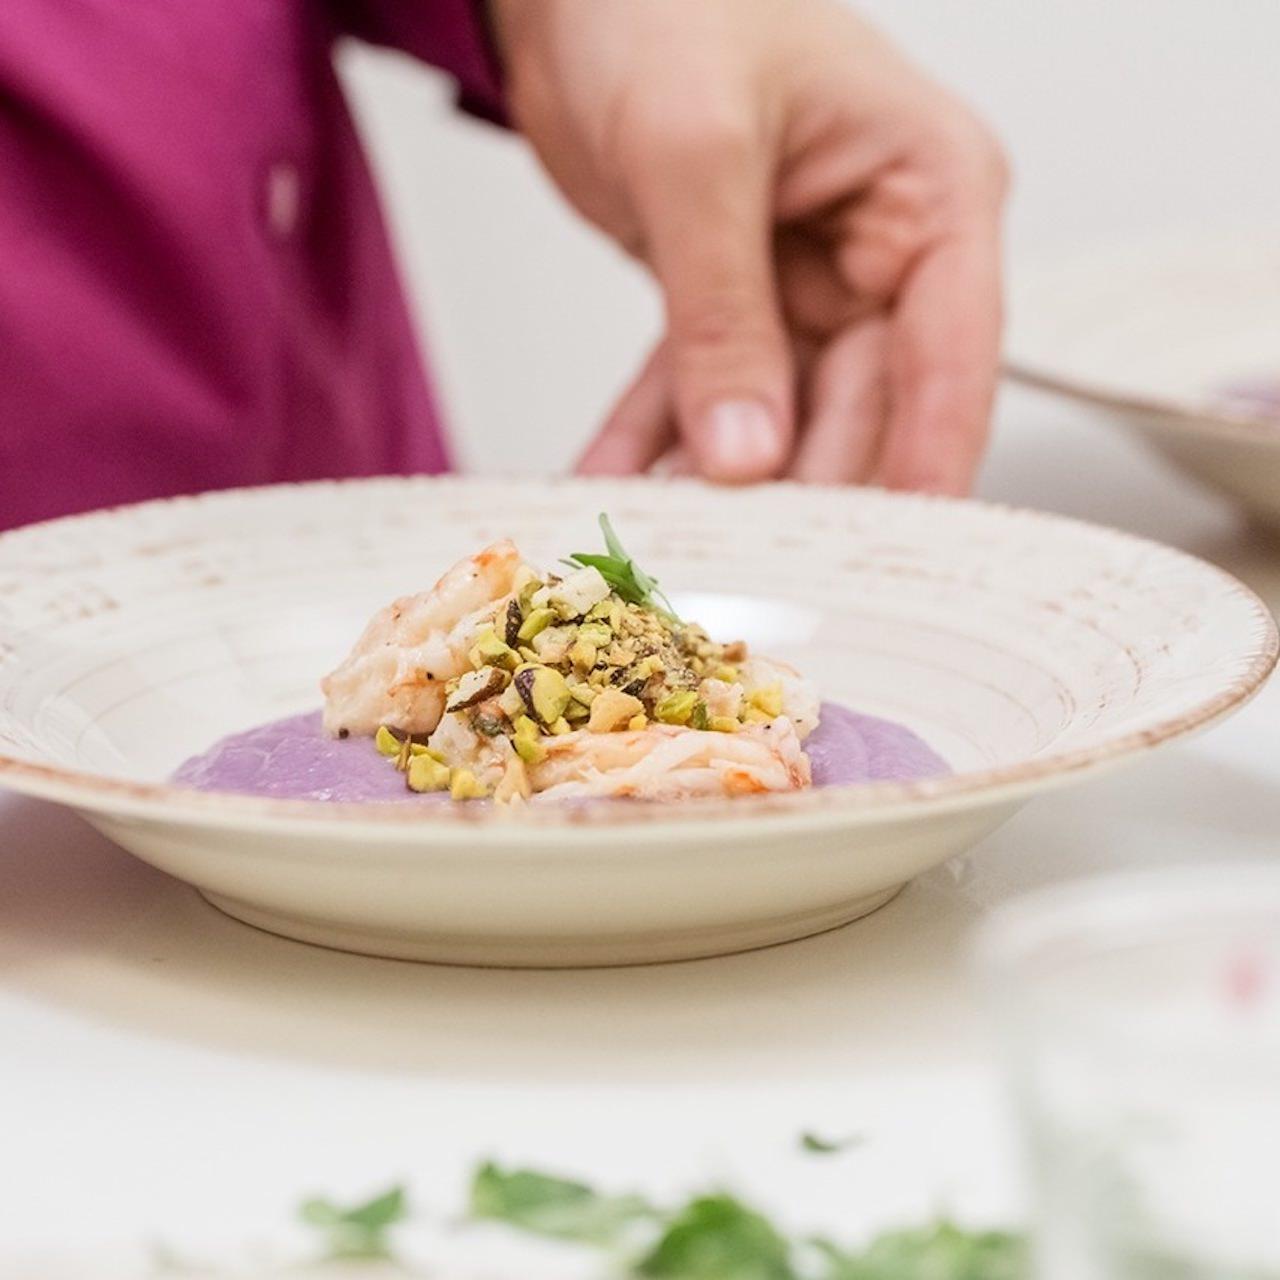 6-Healthy-Chef-22Servizio22